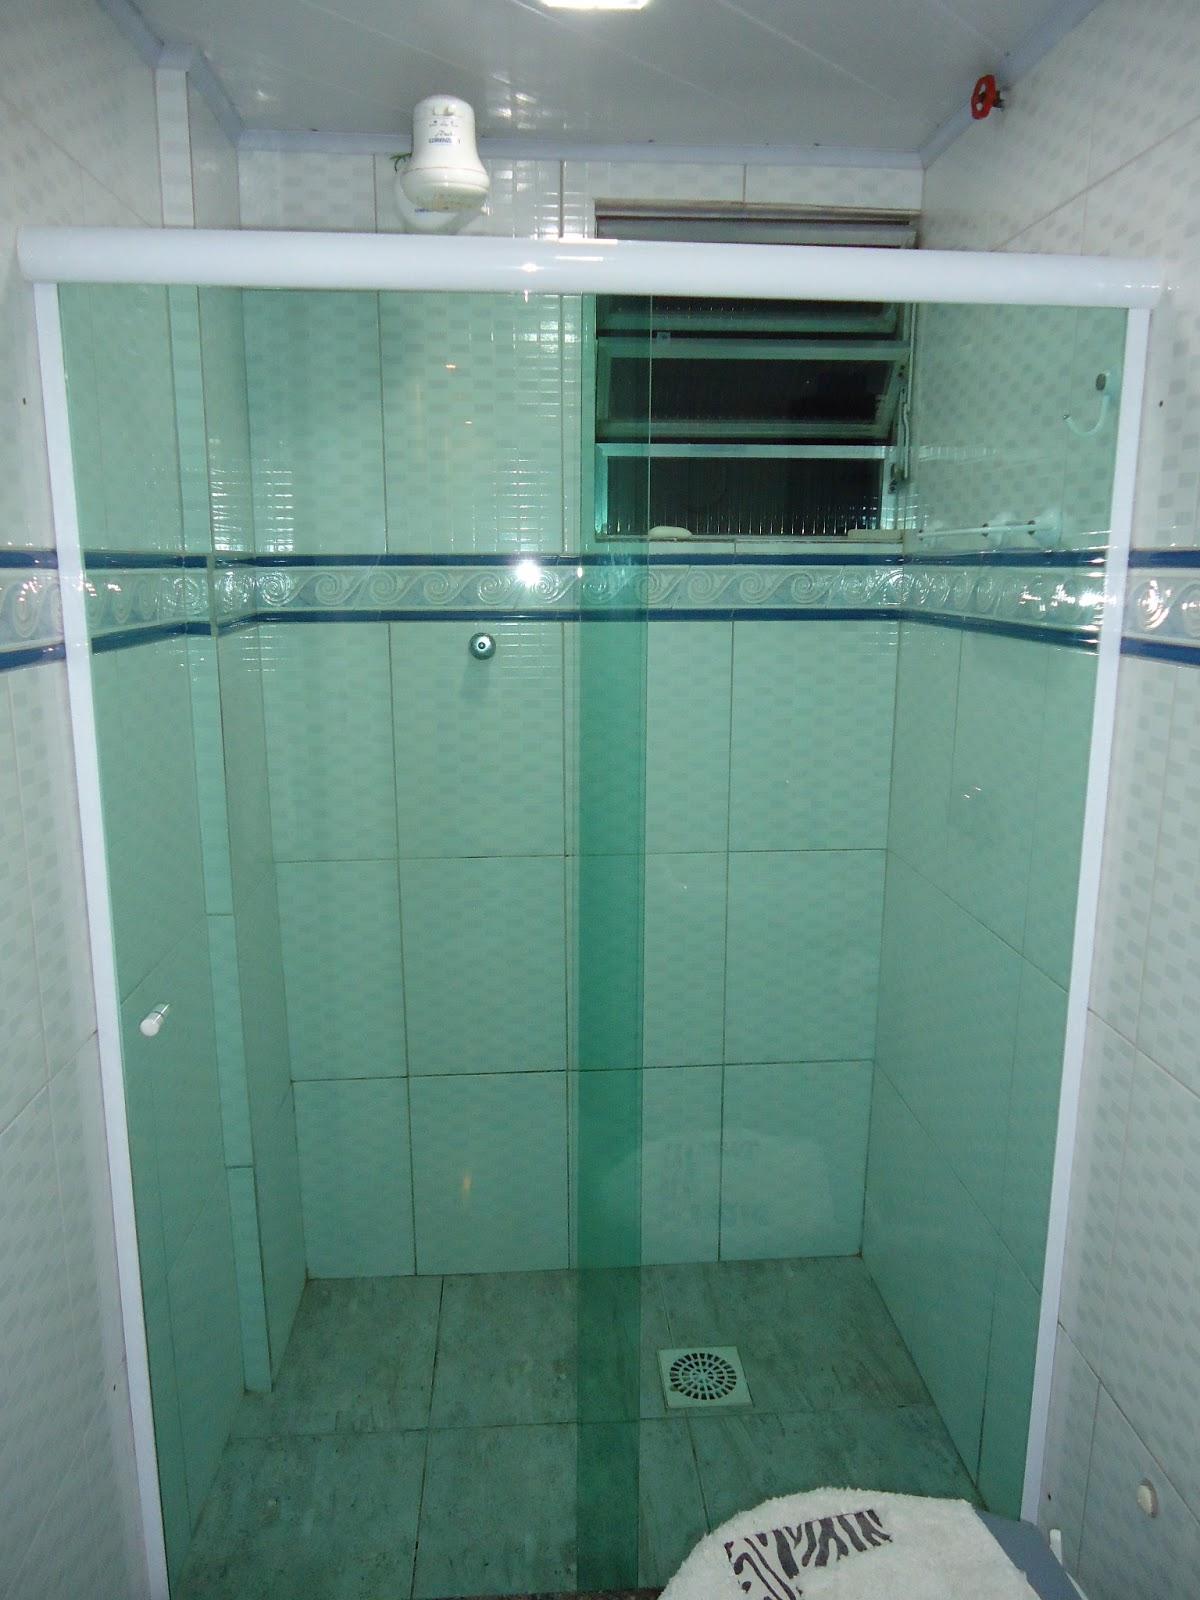 Imagens de #244B5E Esquadriplanet (21) 76612778: Box p/ banheiro 1200x1600 px 3484 Blindex Para Banheiro Rj